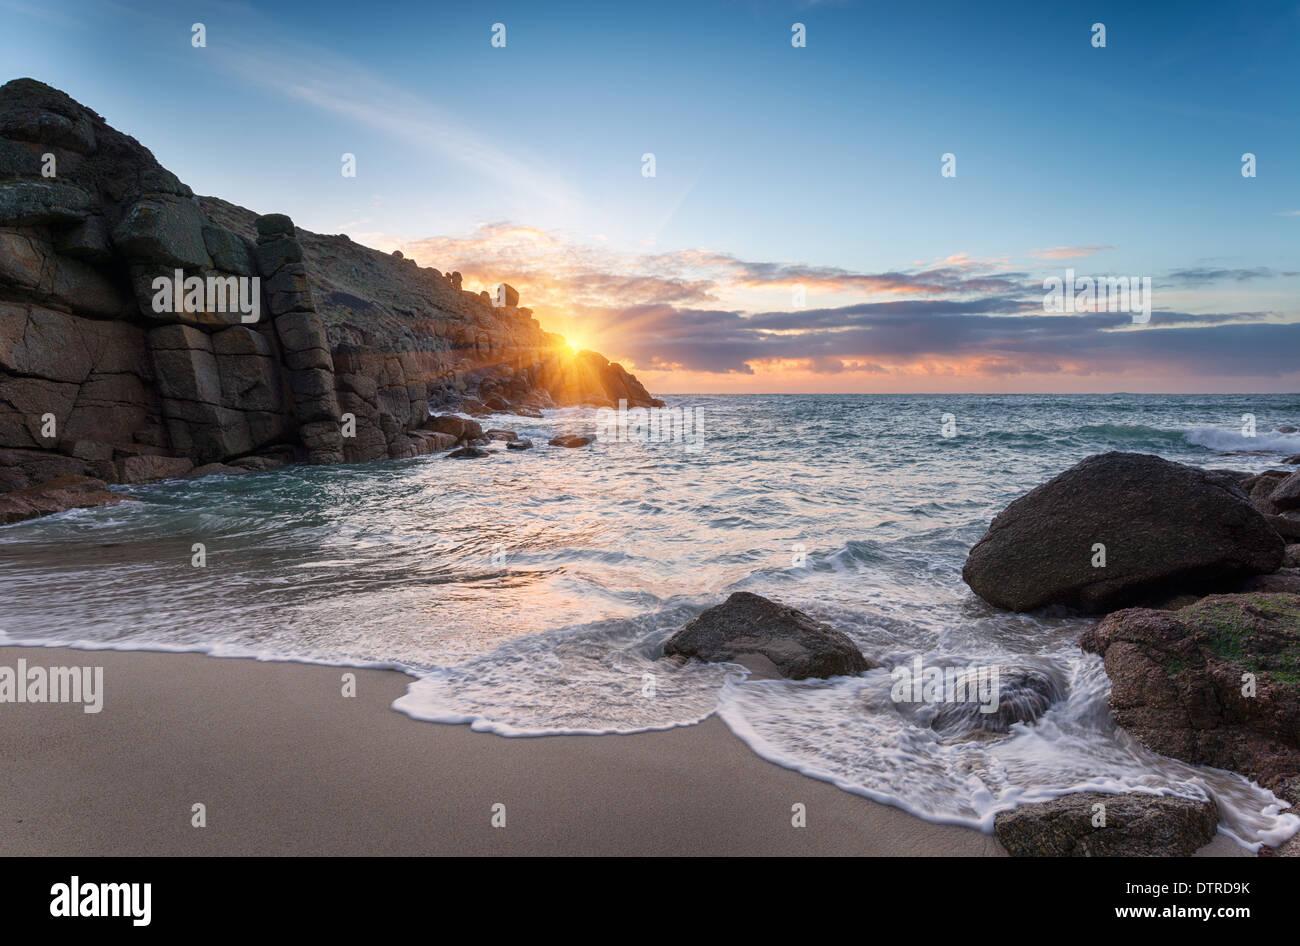 Lever du soleil à Porthgwarra Cove sur la péninsule de Lands End en Cornouailles Photo Stock